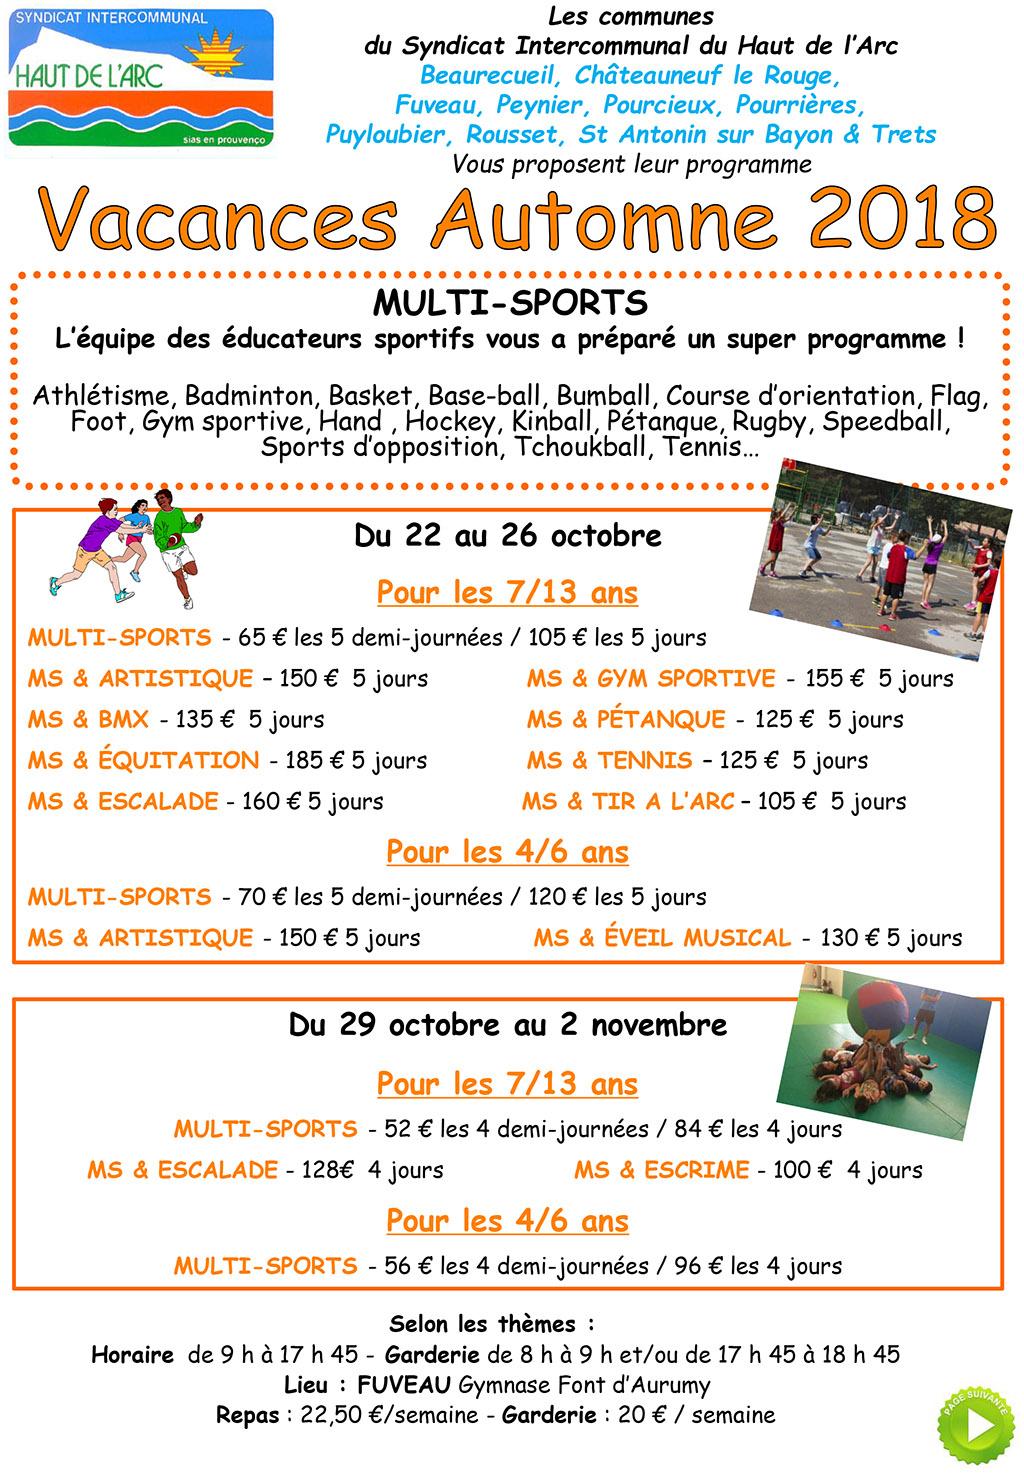 Sihva : Programme Vacances Automne 2018 – Ville De Peynier dedans Poésie Vive Les Vacances